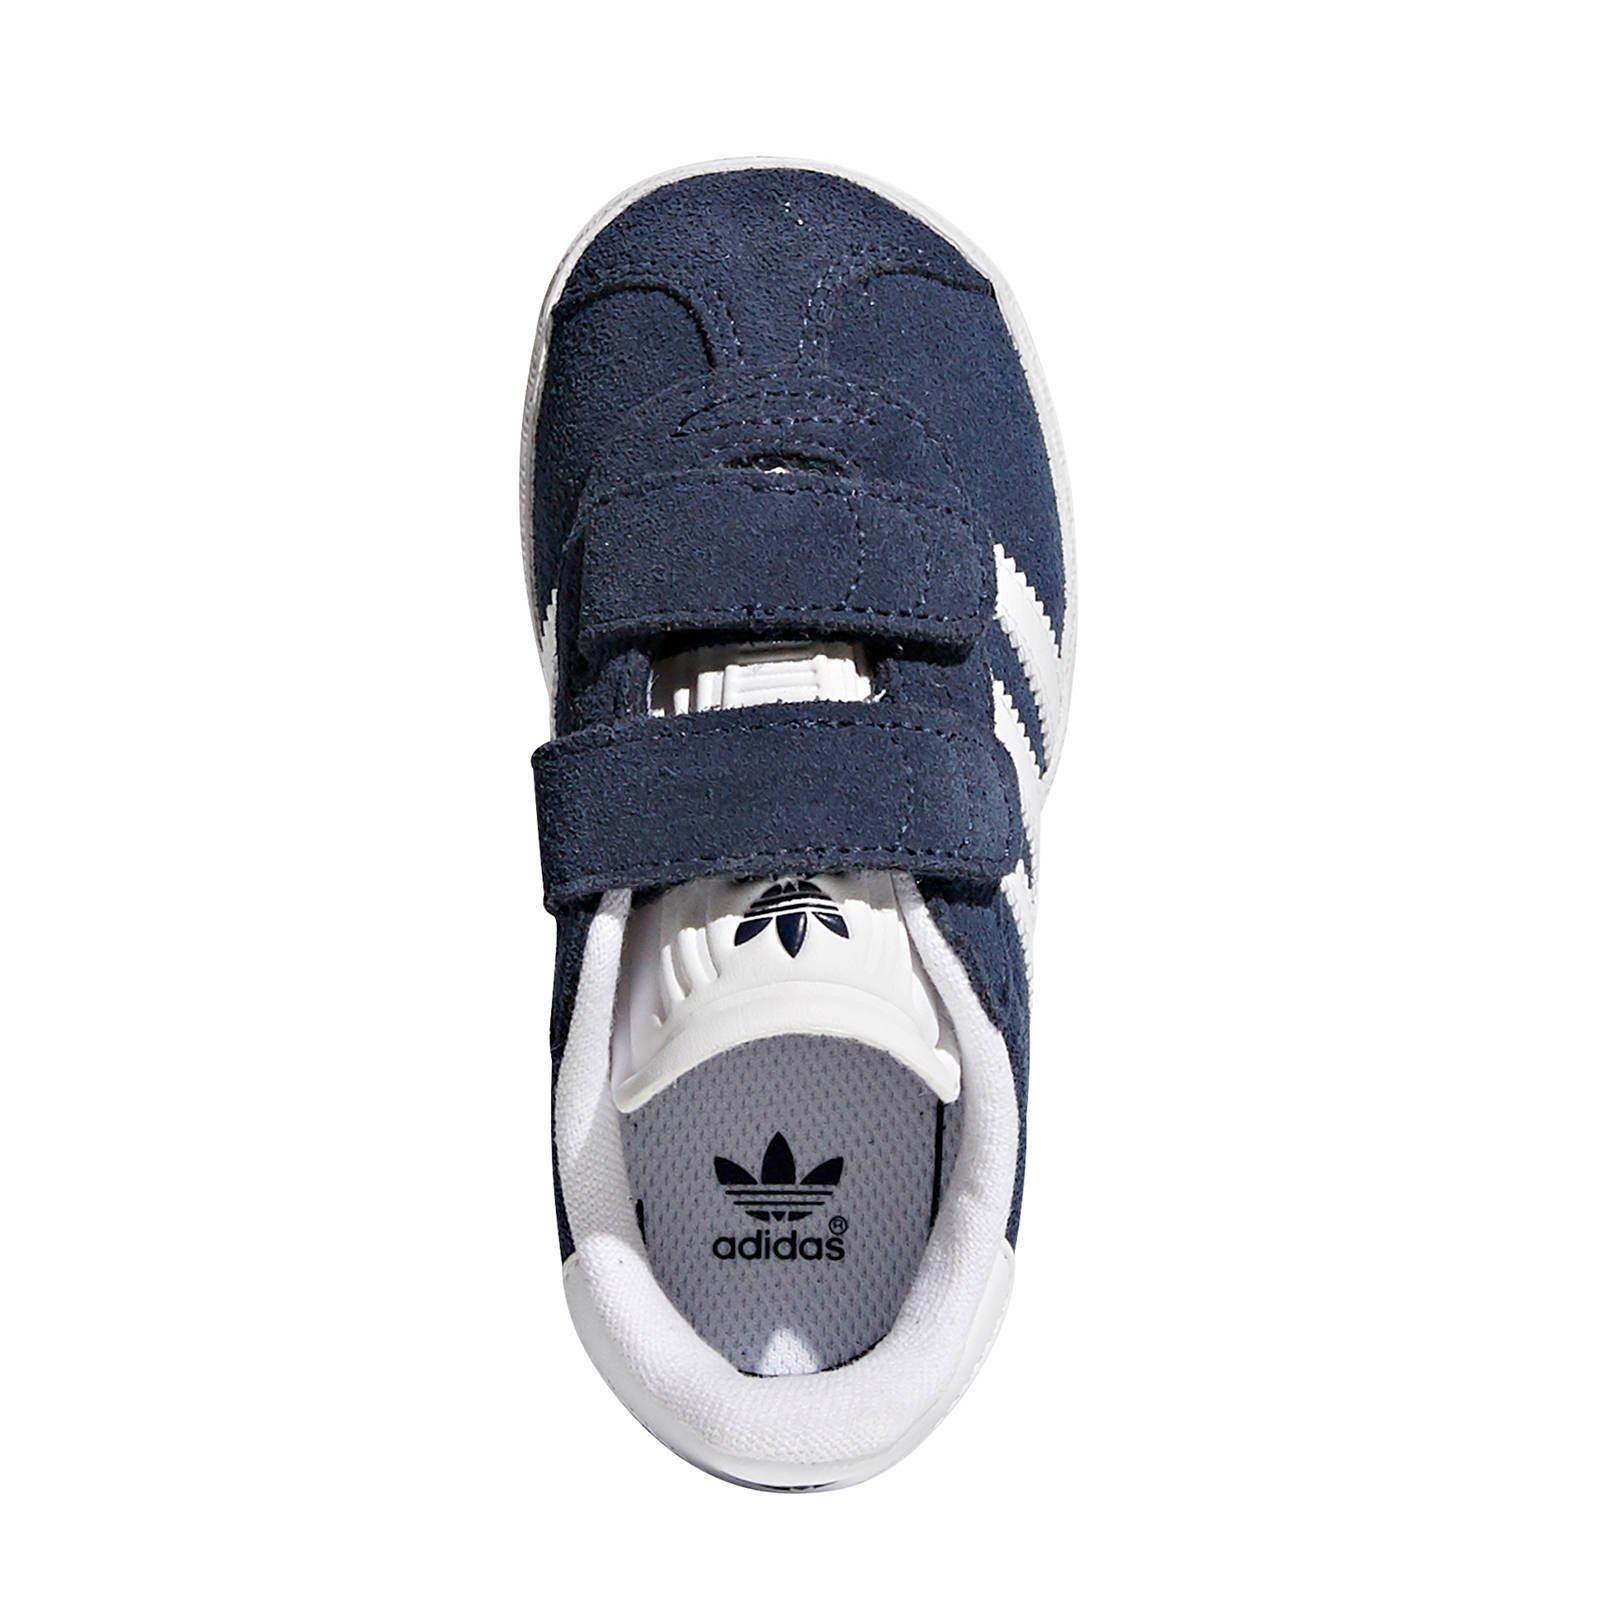 adidas gazelle donkerblauw